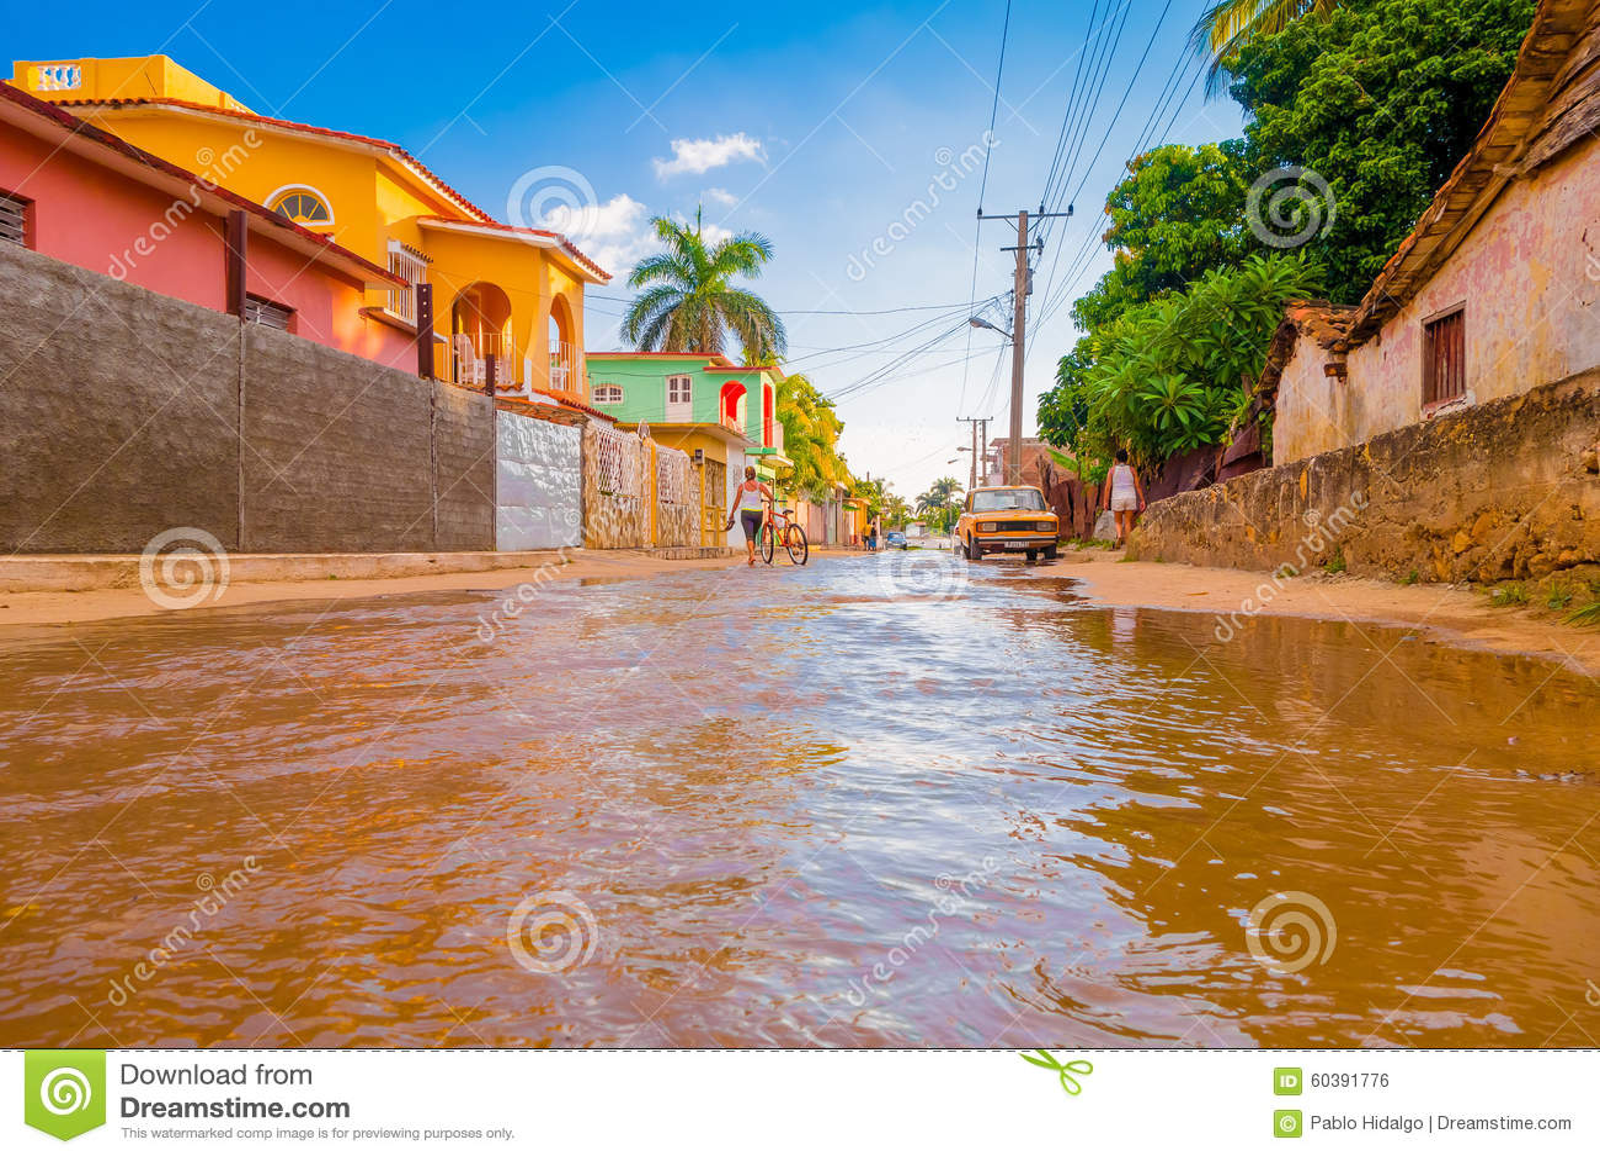 特立尼达,古巴- 2015年9月8日:充斥